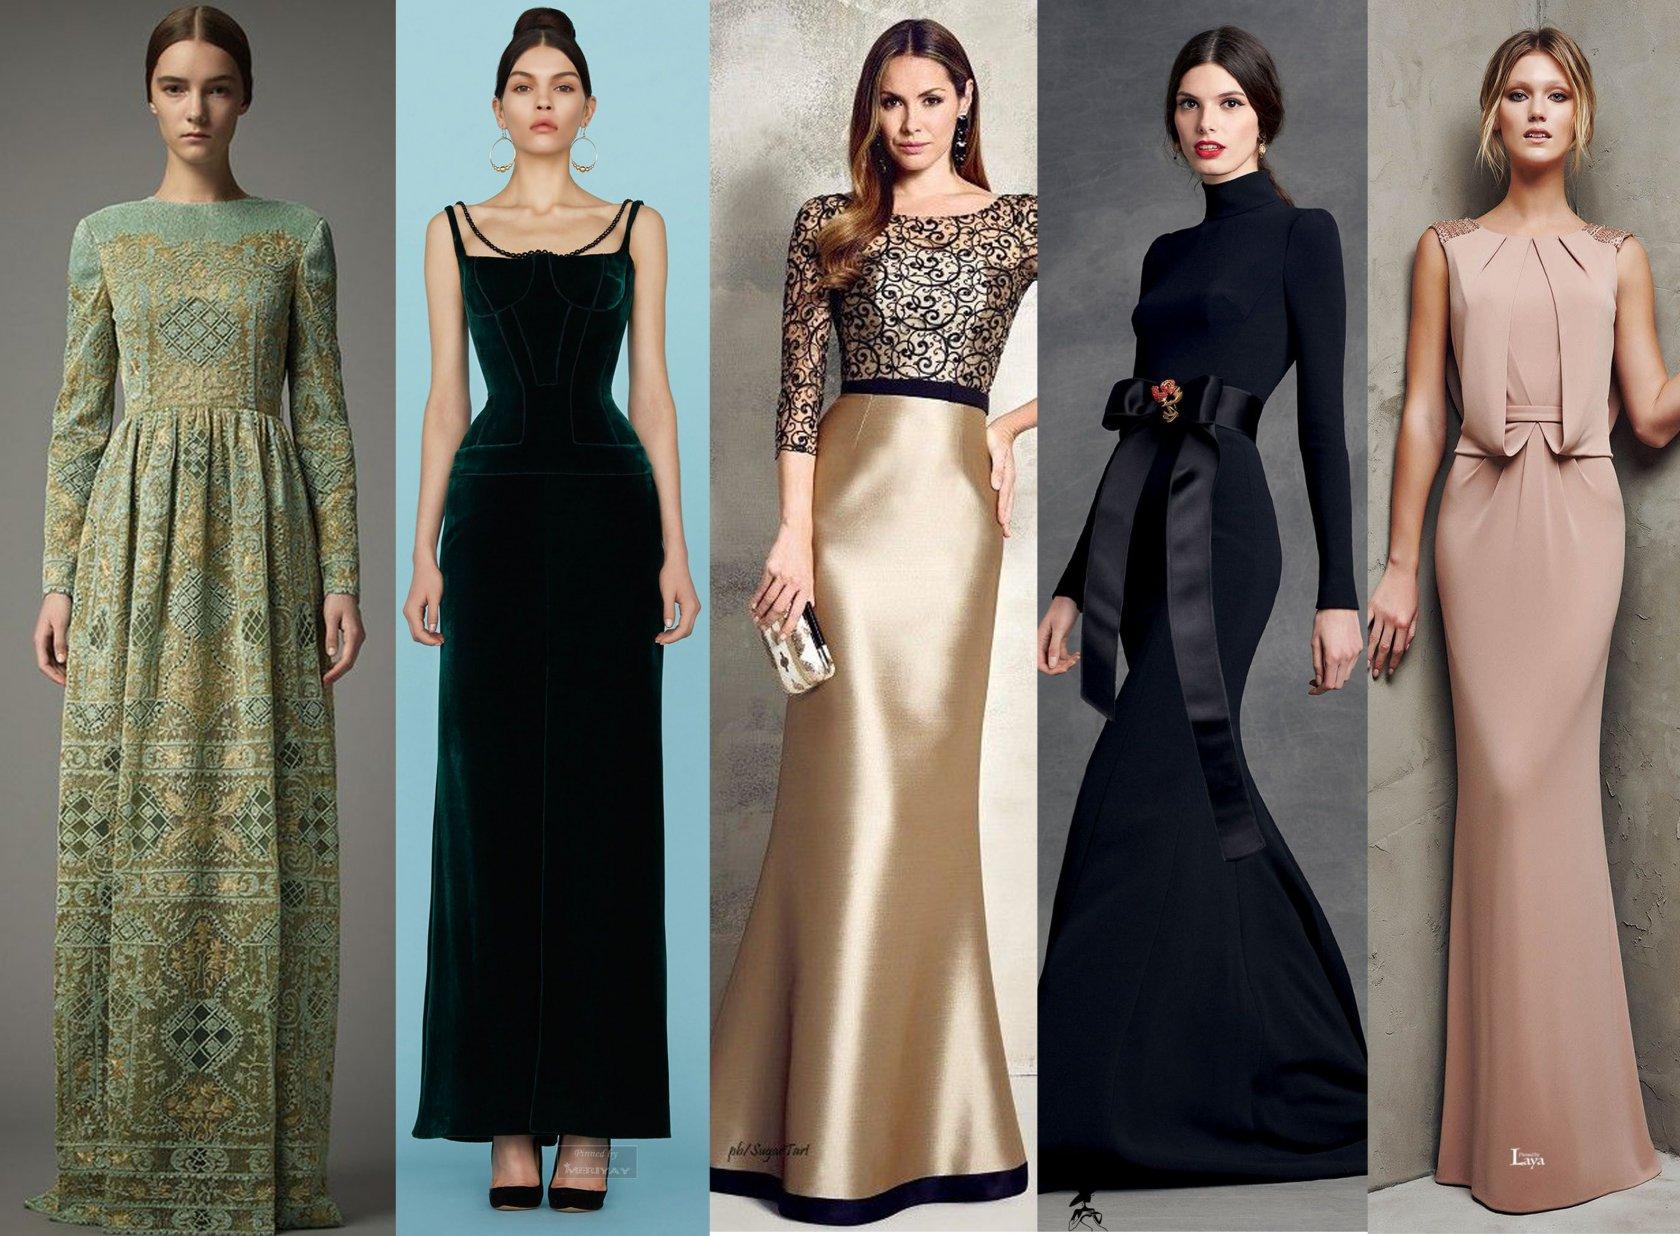 Выбираем нарядные платья для торжественных мероприятий 2